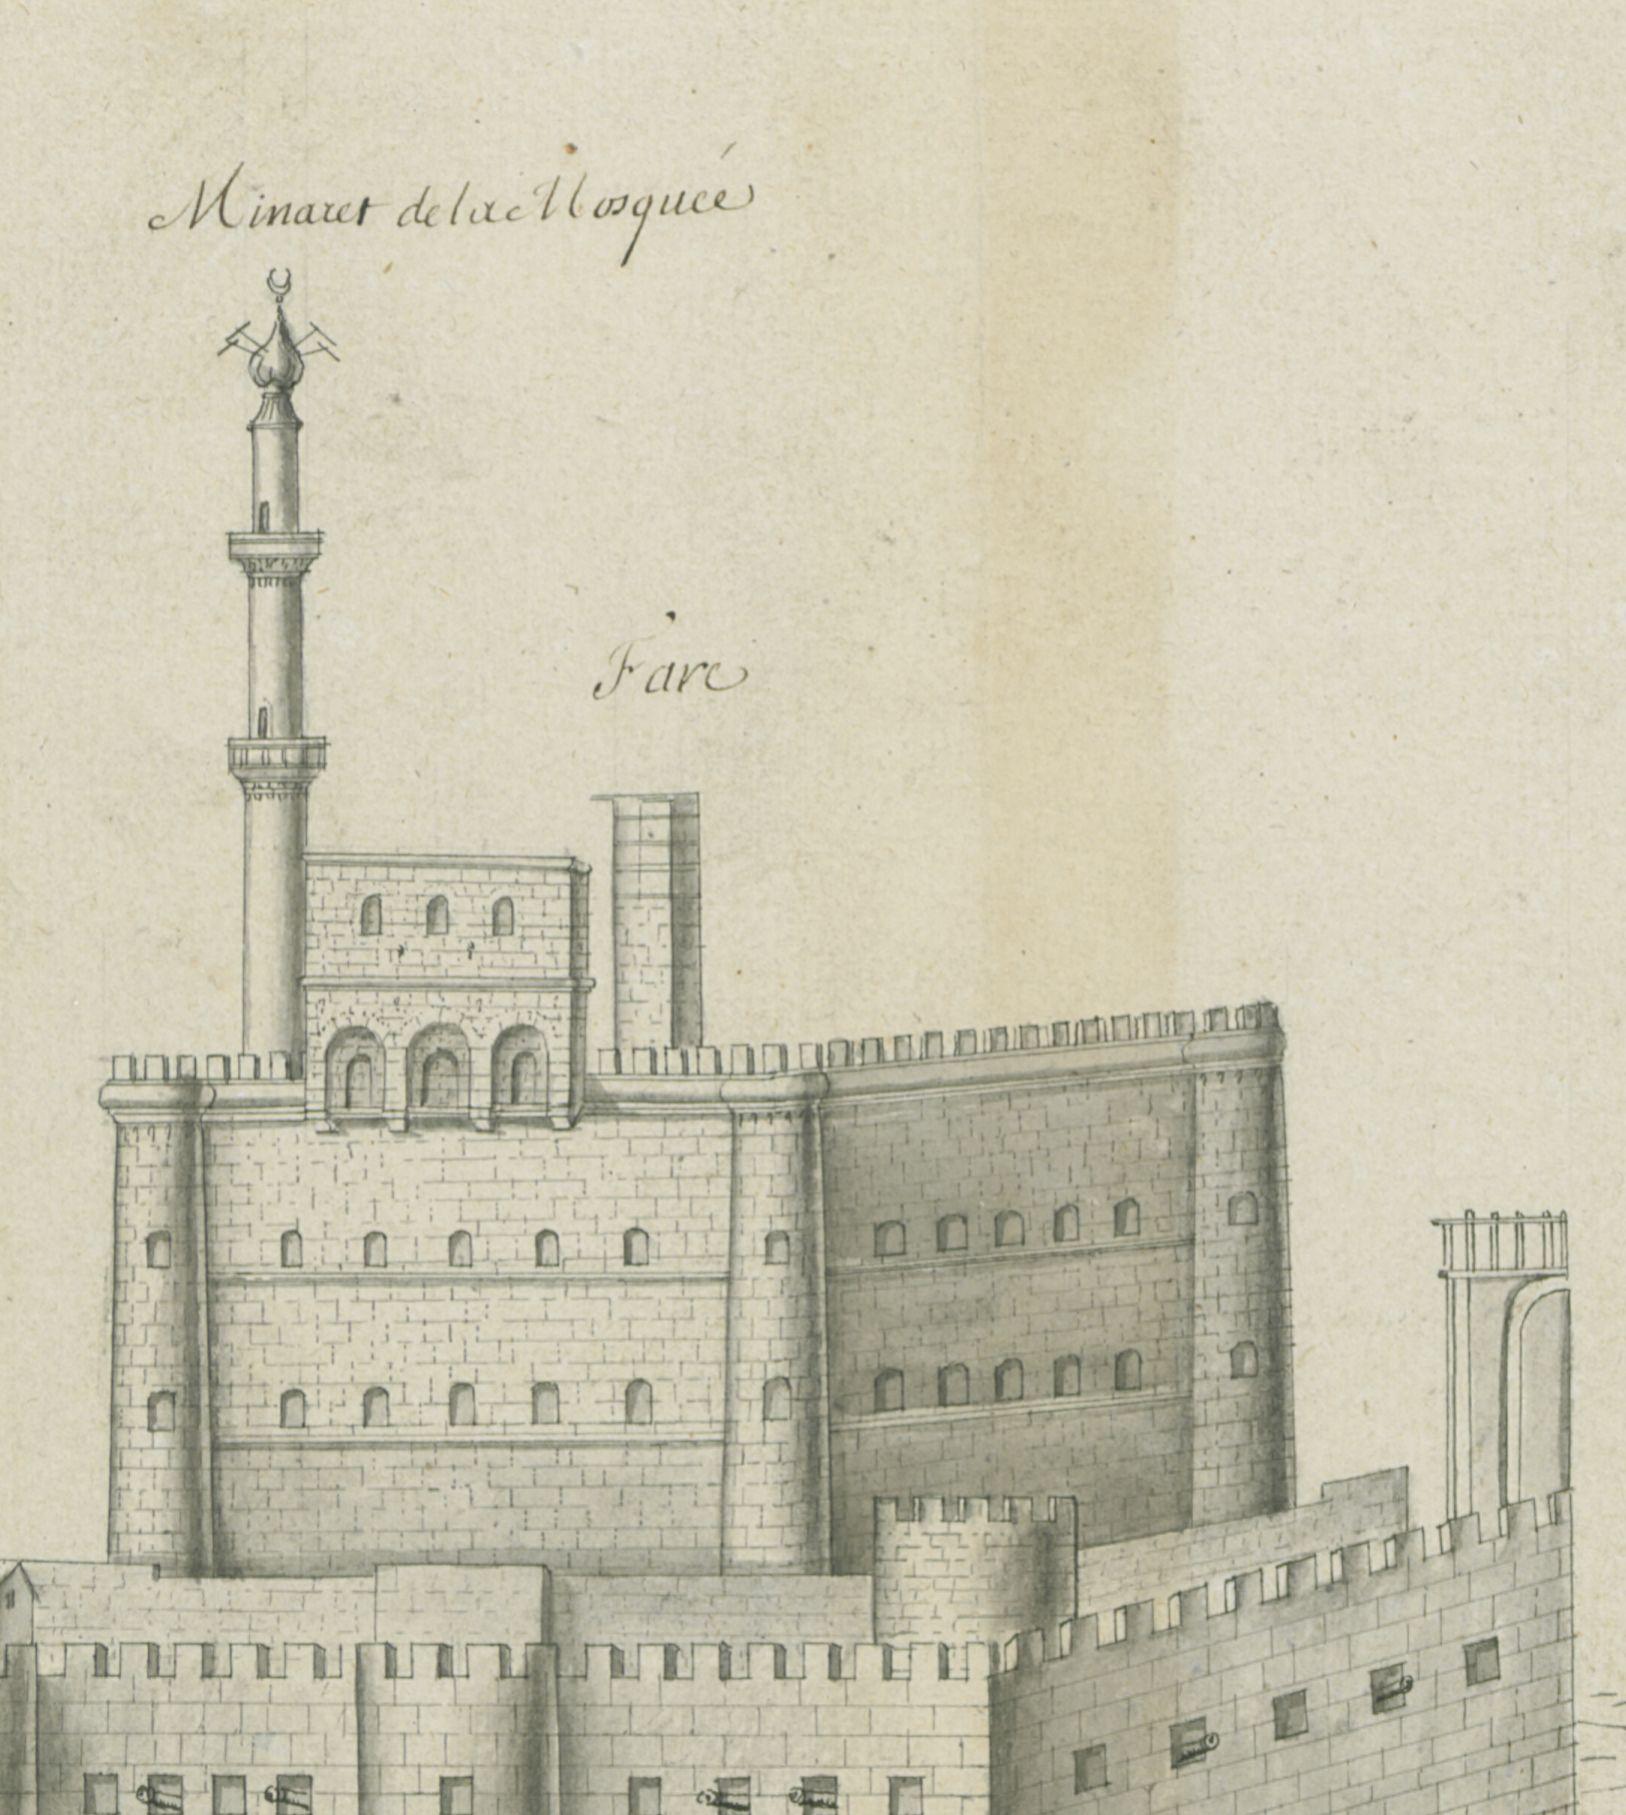 Elévation_du_château_du_Fare_[...]Gravier_Étienne_btv1b55000401n_1